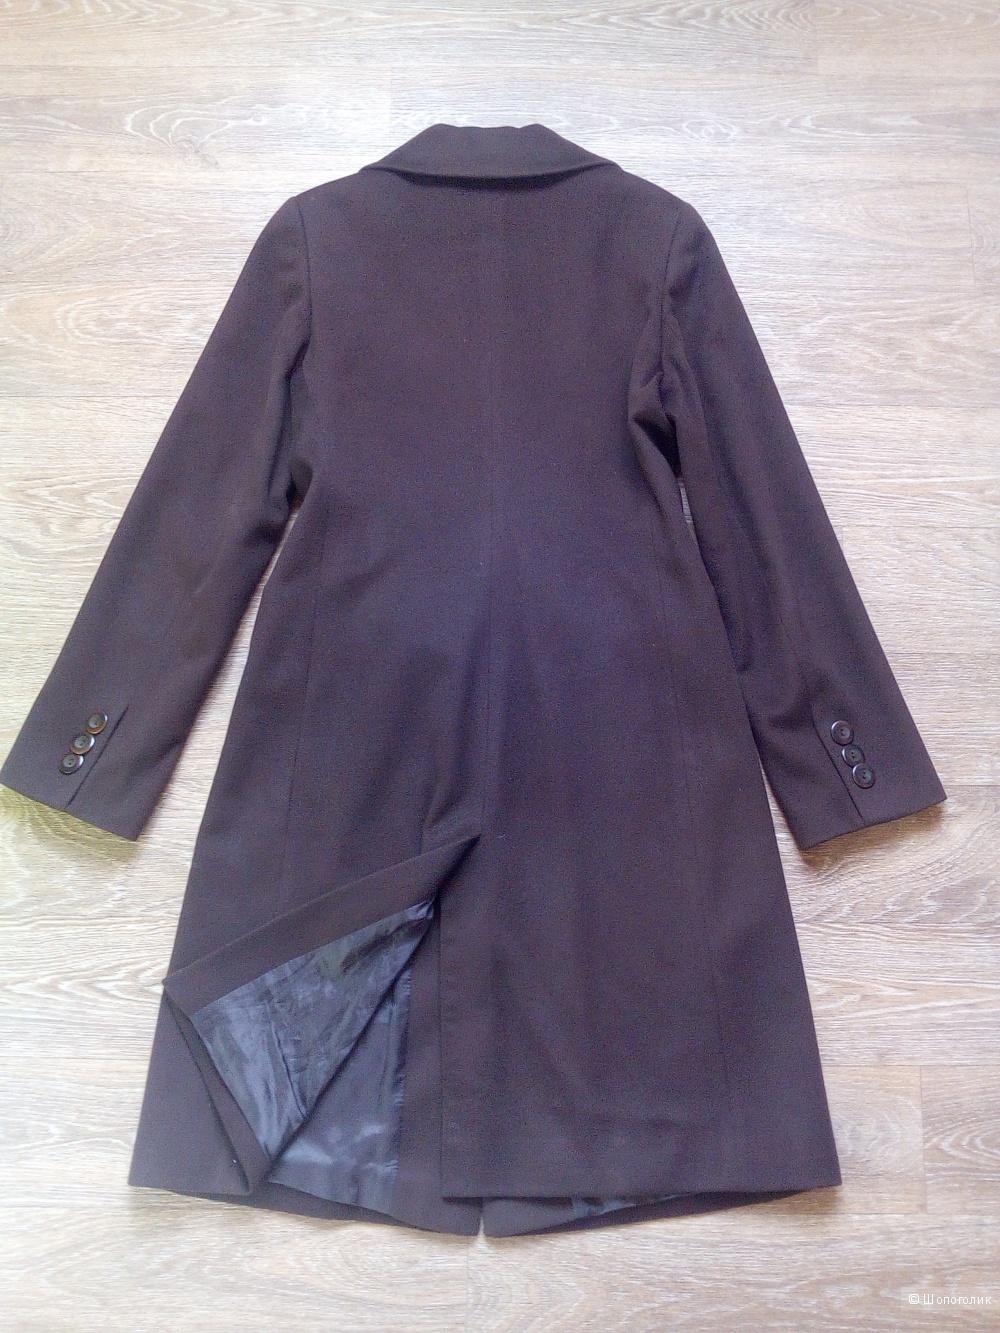 Итальянское пальто Samos. Темный шоколад, 46 размер